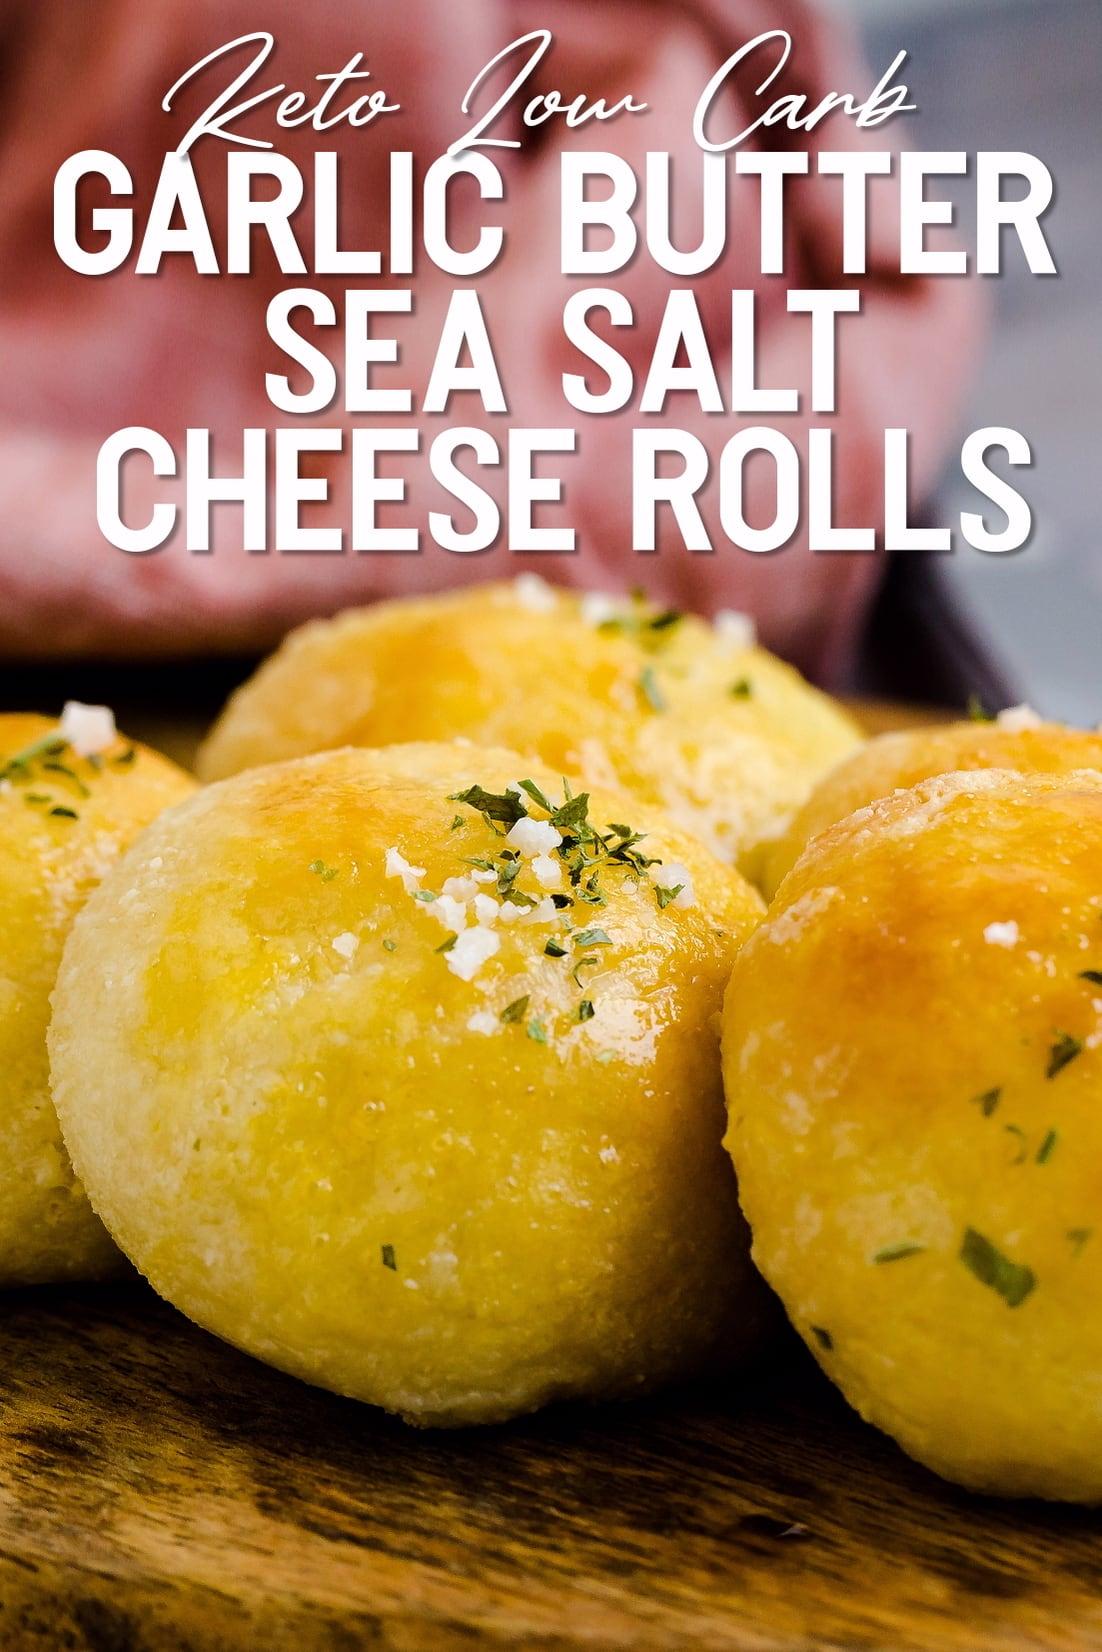 Garlic Butter Sea Salt Cheese Rolls close up